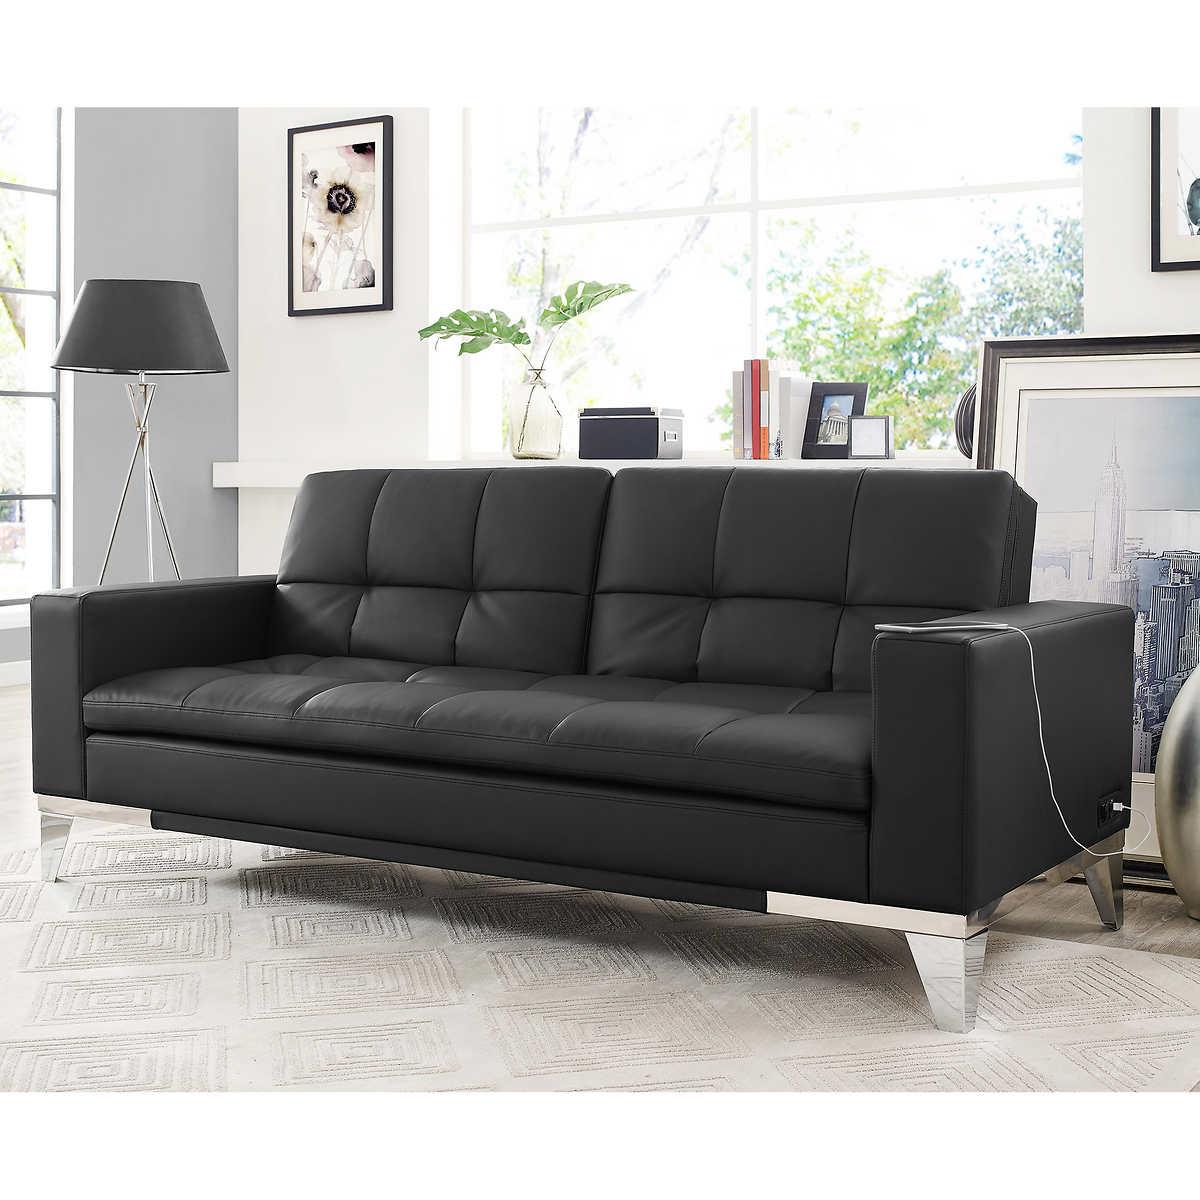 100 Flip Flop Sofa Sleepers